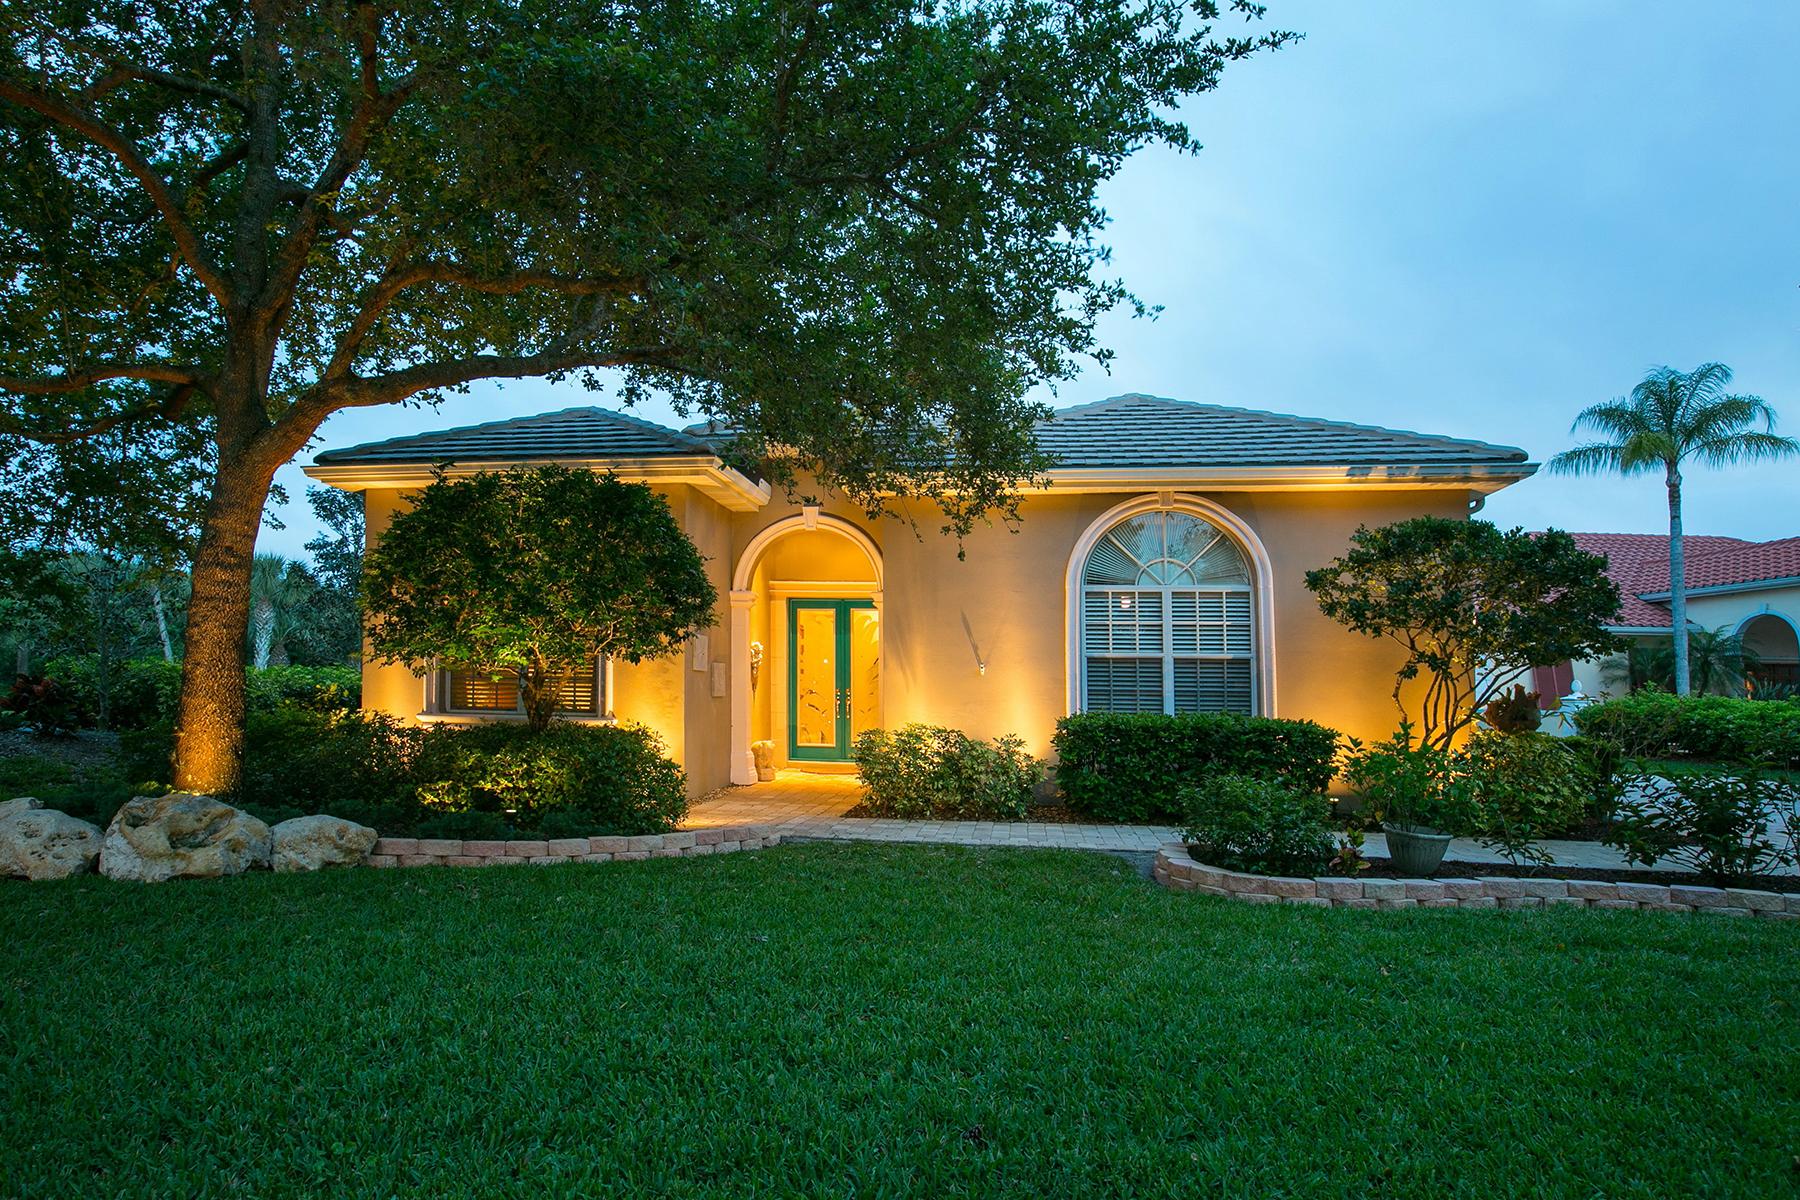 단독 가정 주택 용 매매 에 BOCA ROYALE 49 Saint John Blvd Englewood, 플로리다 34223 미국